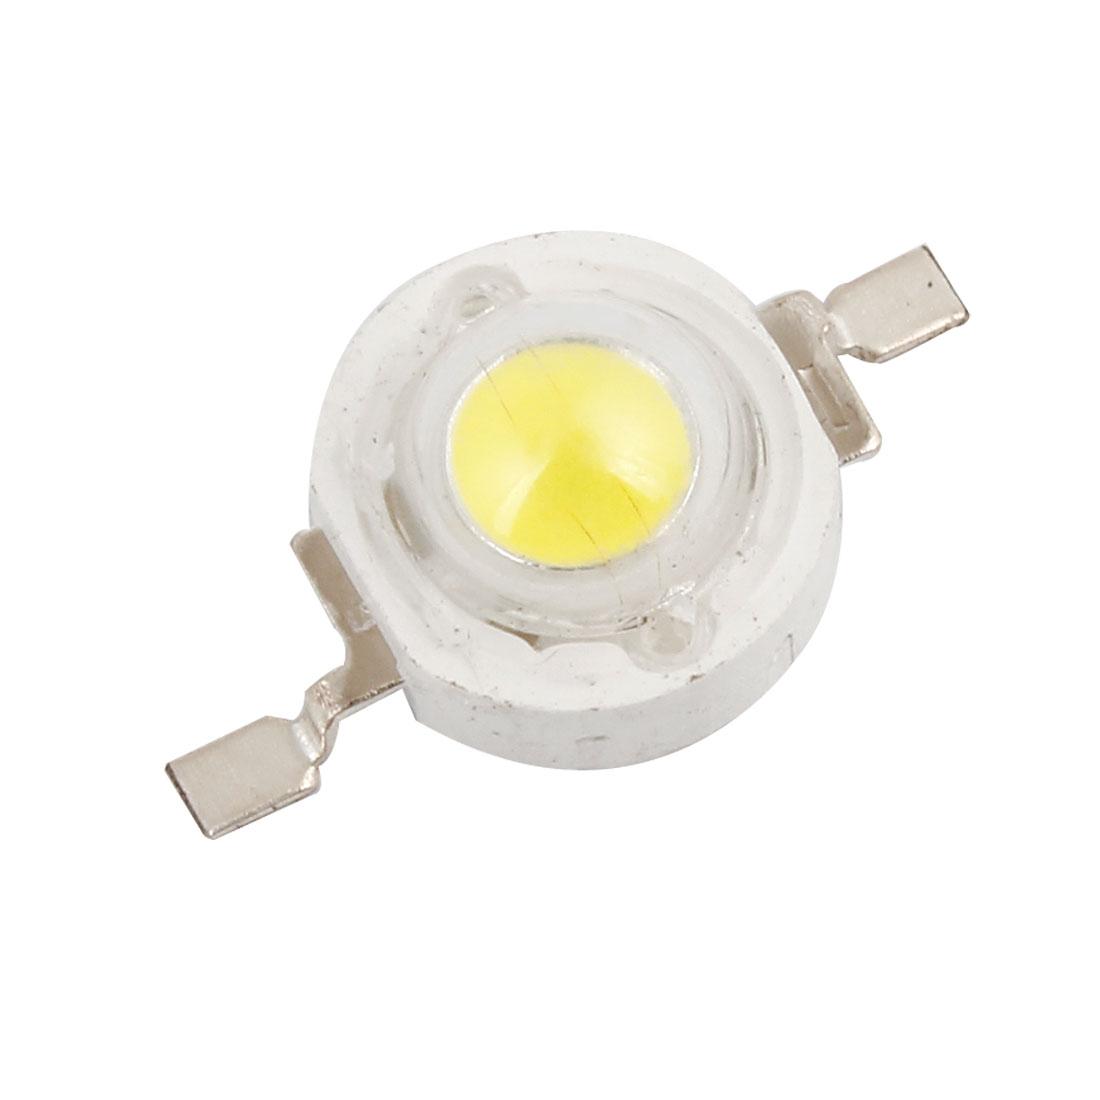 3.2-3.4V 300-350mA 1W White High Power LED Bead Diodes Chip Bulb Emitter